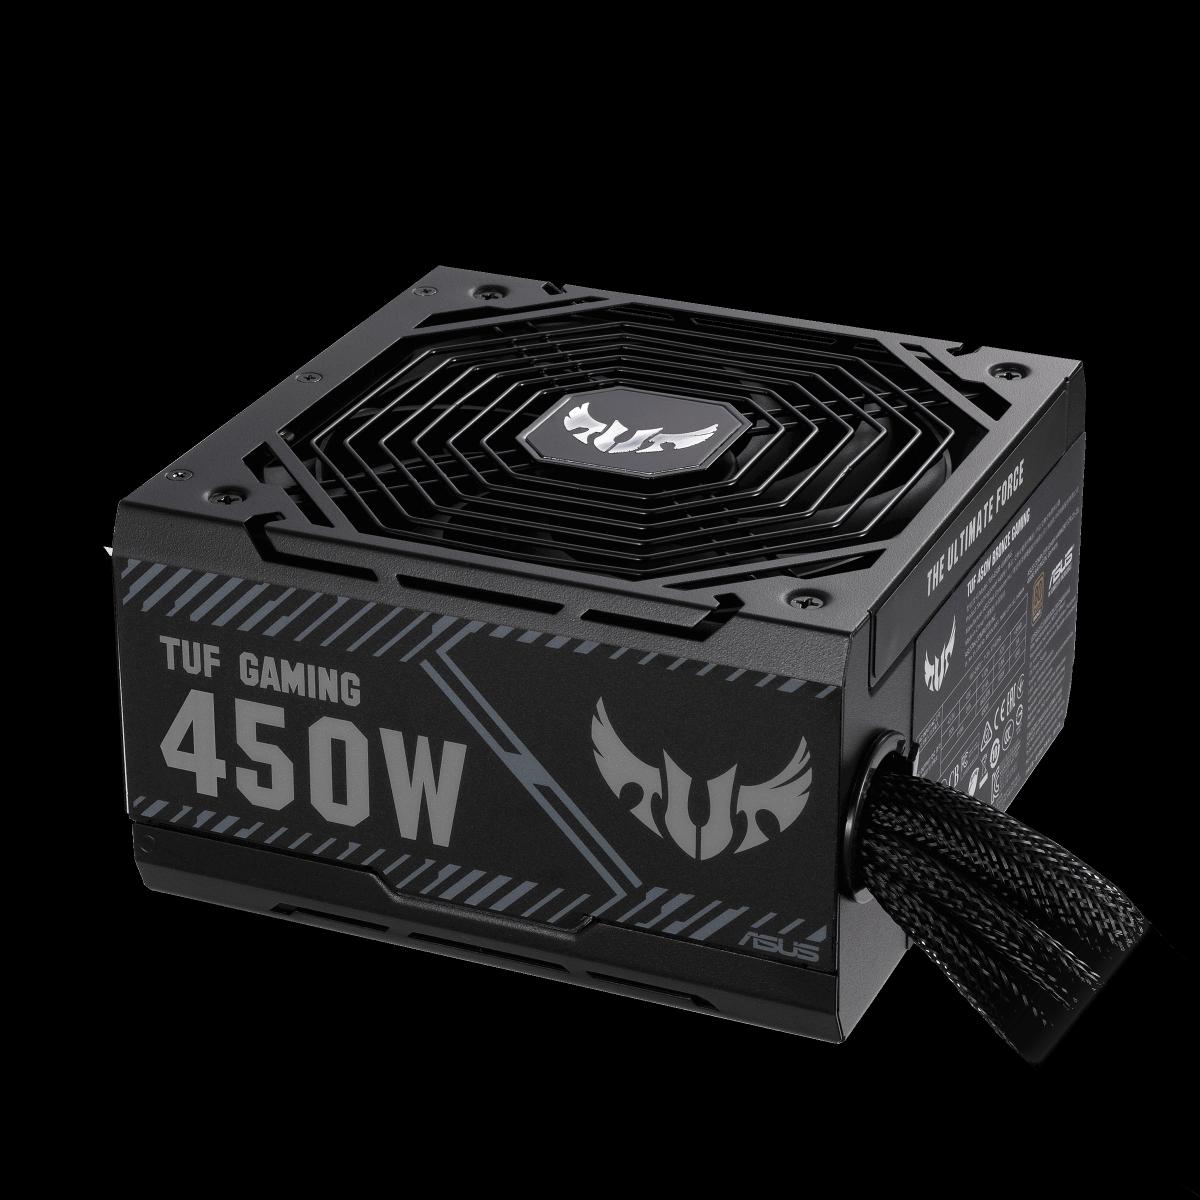 Fonte Asus TUF Gaming 450W, 80 Plus Bronze, TUF-GAMING-450B, 90YE00D3-B0NA00